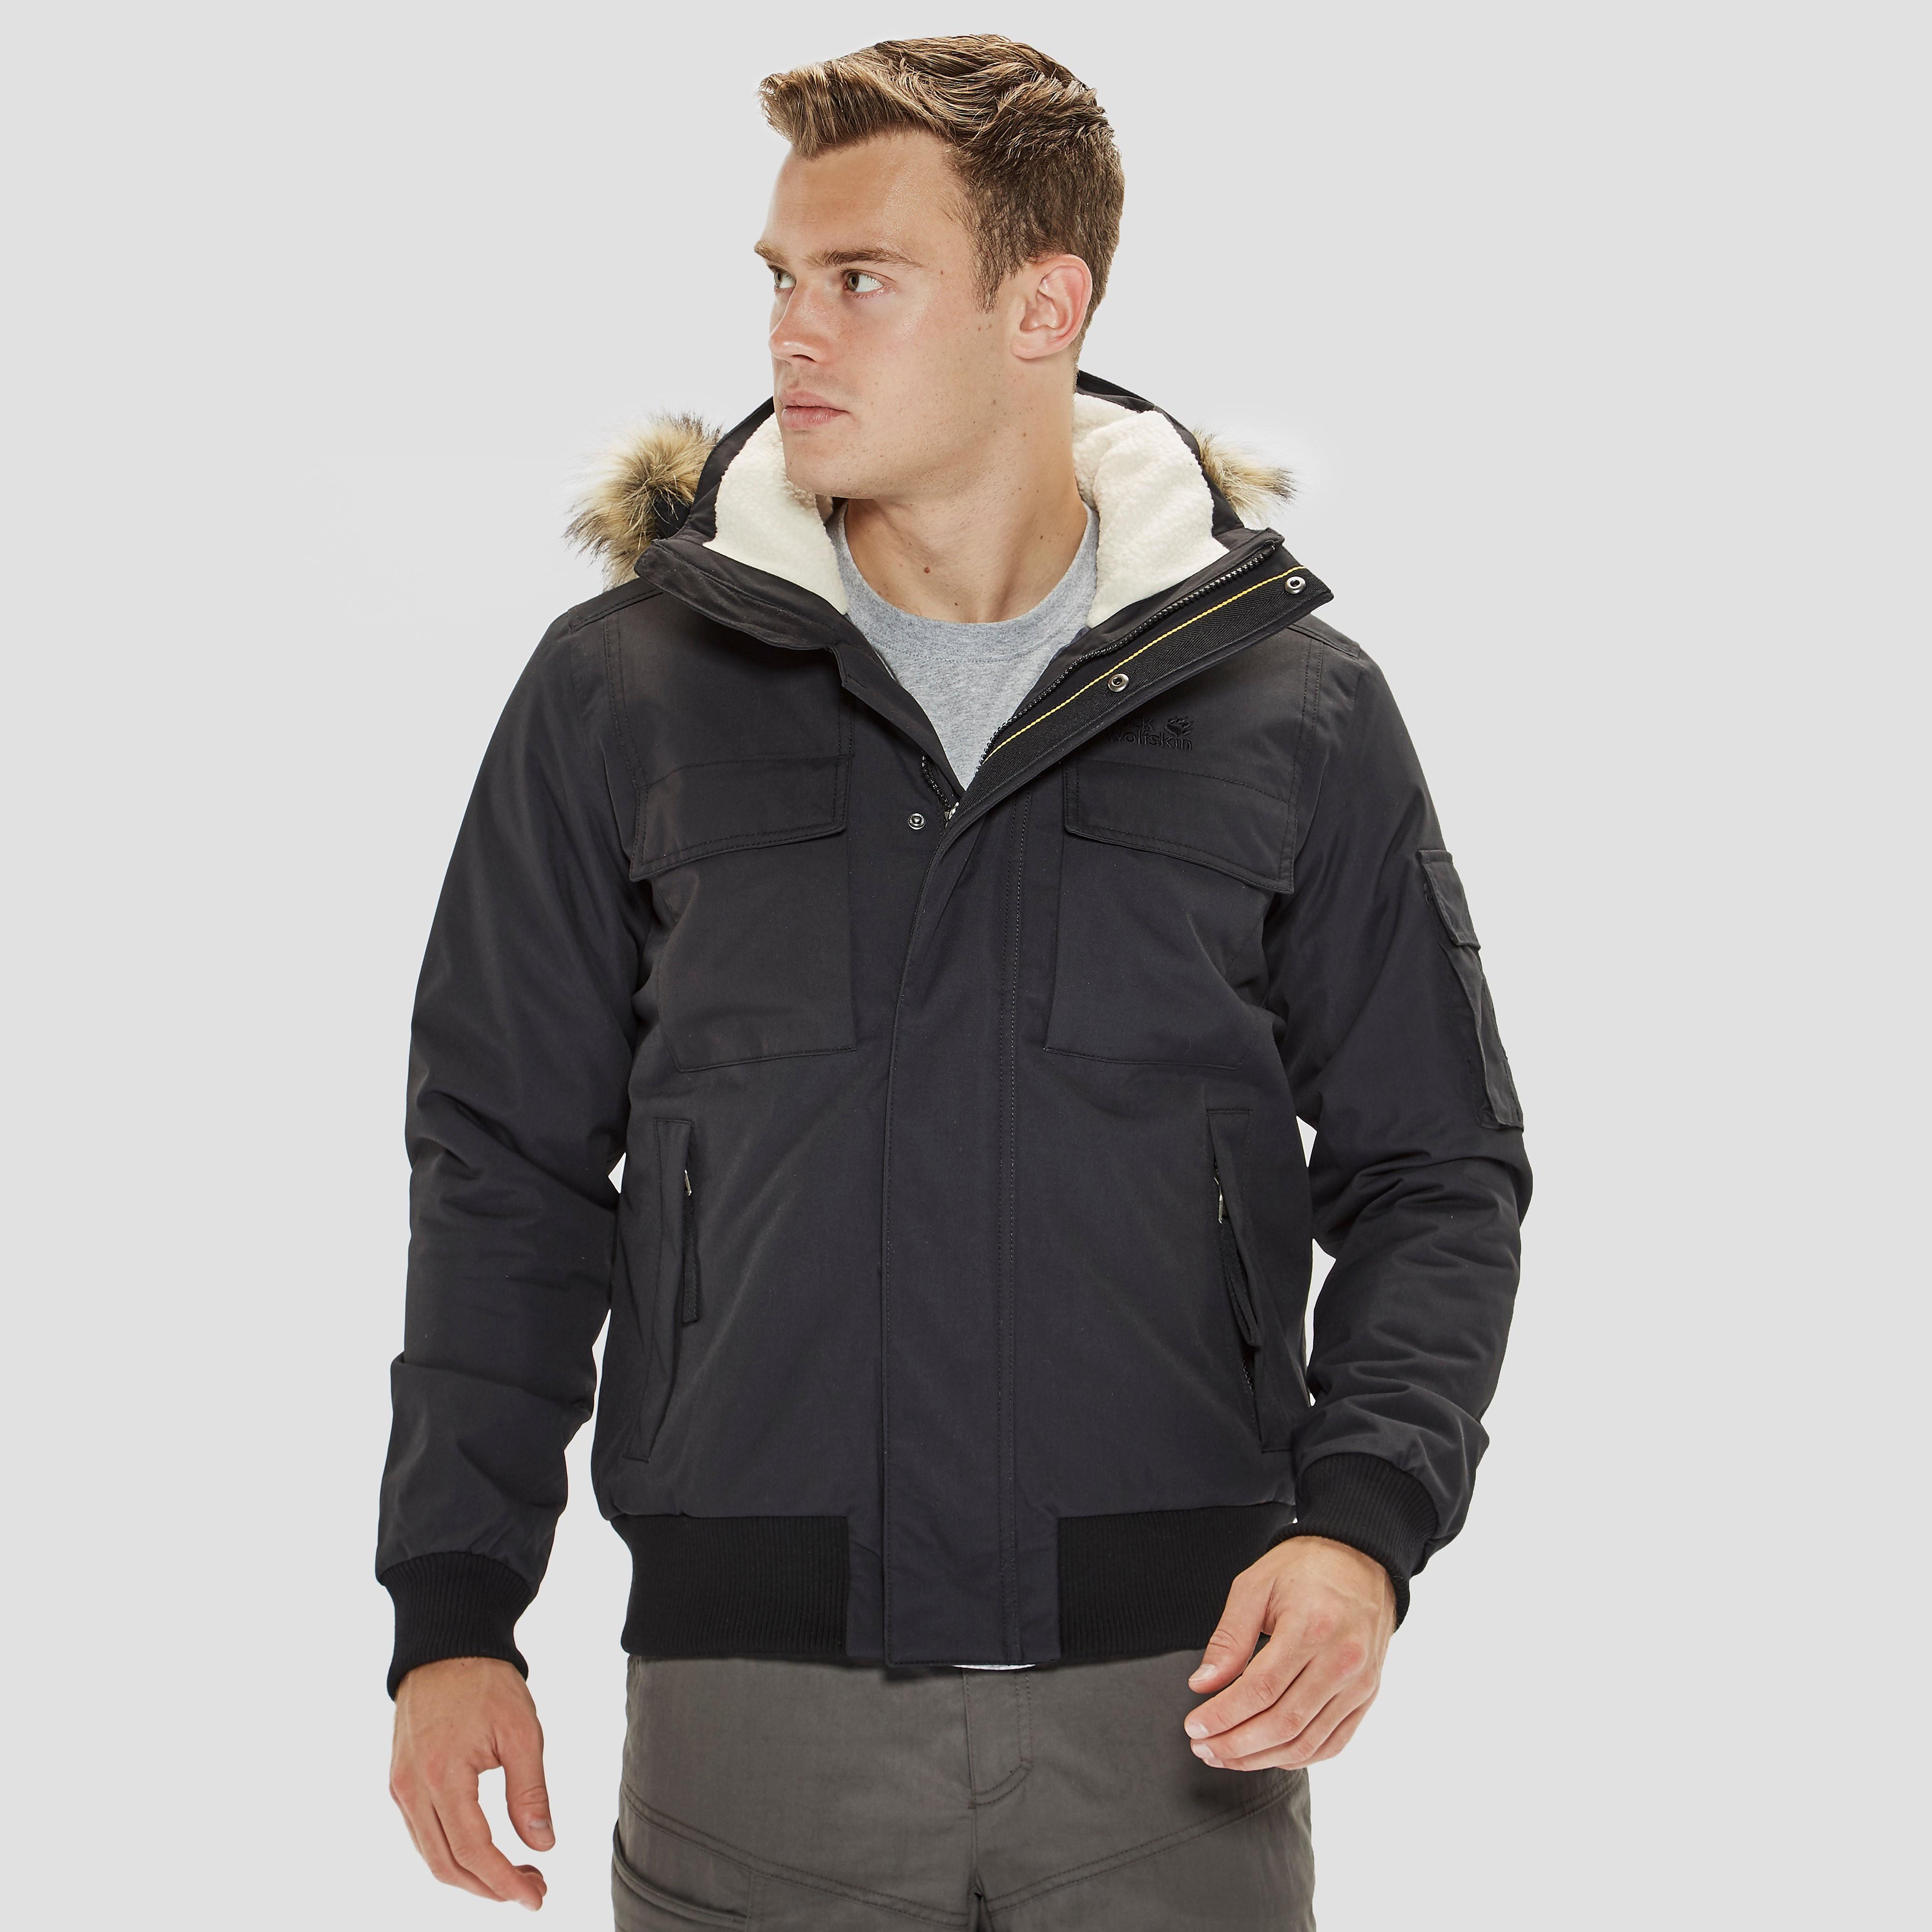 Jack Wolfskin Brockton Point Hardshell Men's Jacket